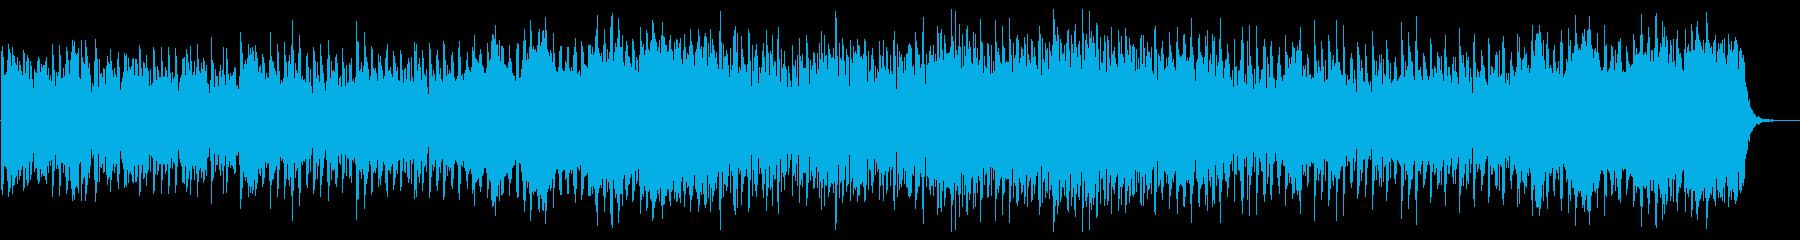 爽やかで少しほのぼのとしたBGMの再生済みの波形